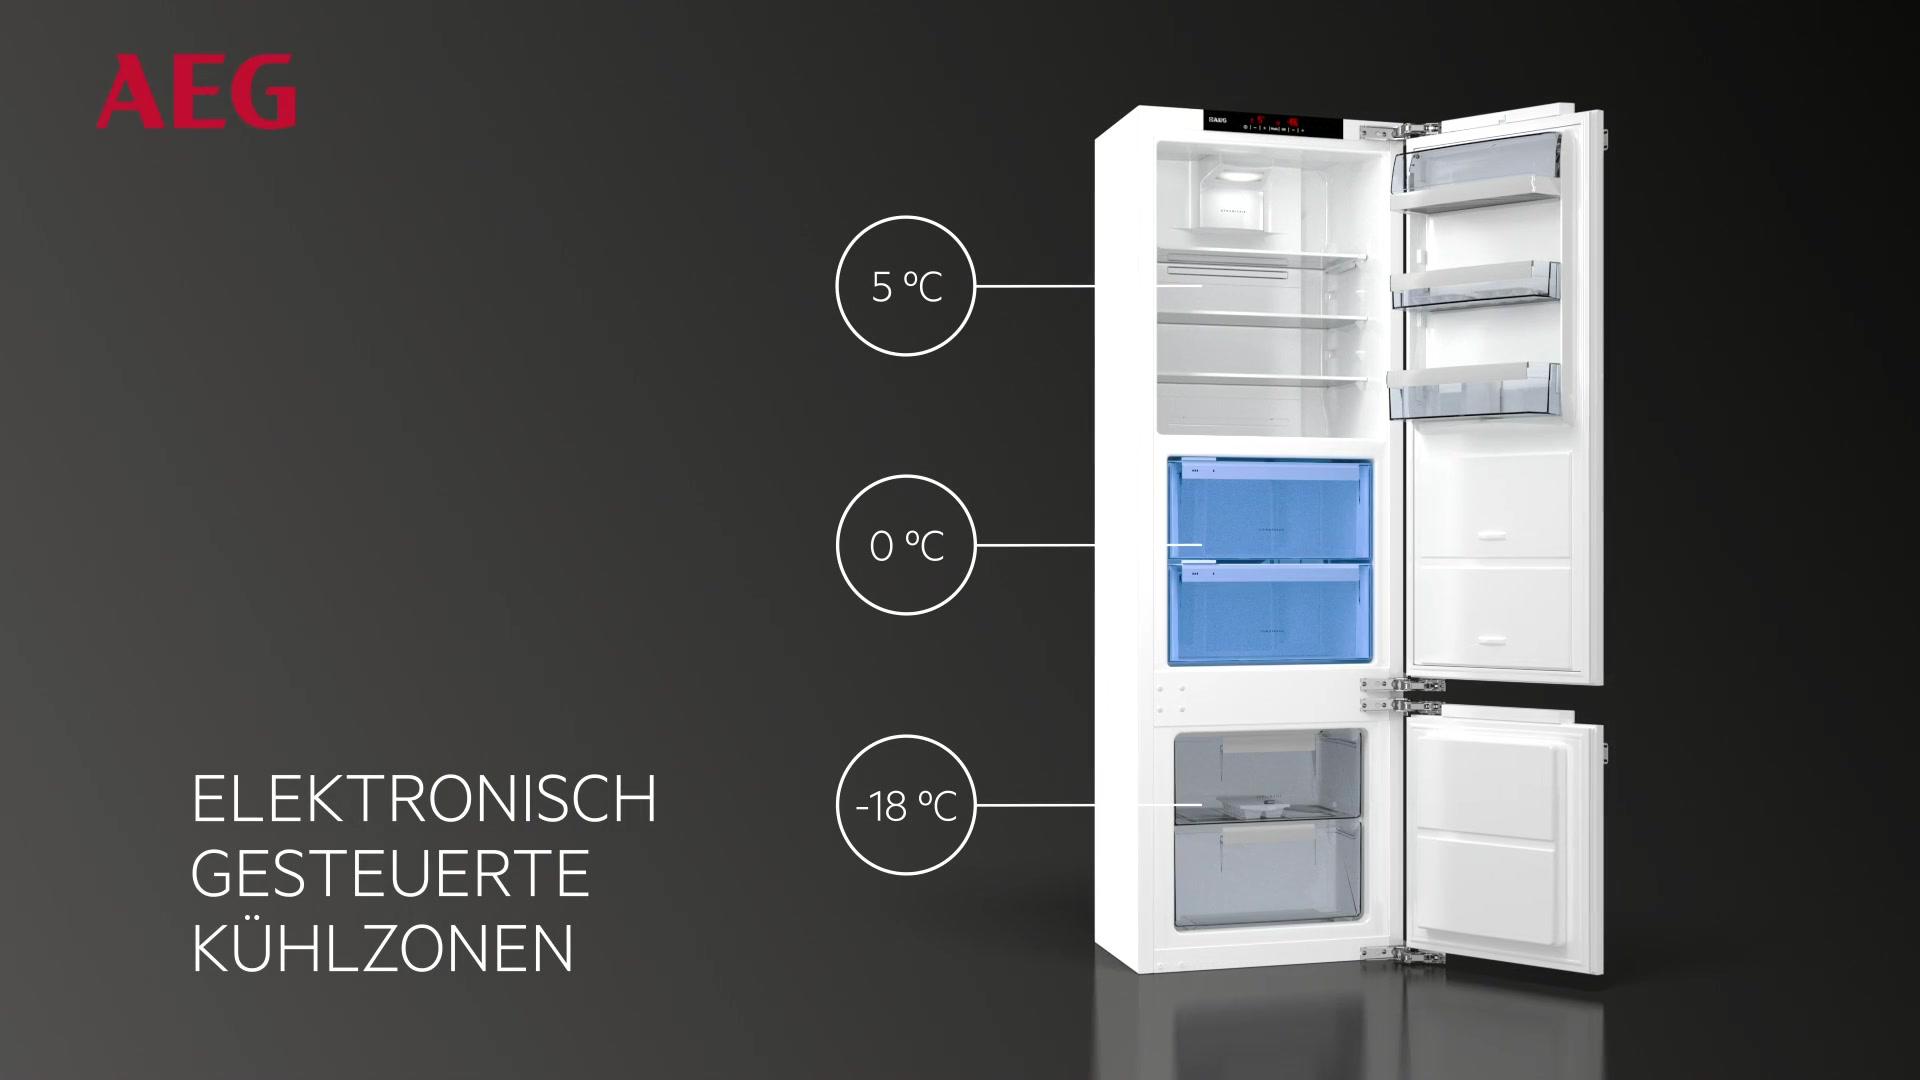 Miniküche Mit Kühlschrank Hagebaumarkt : Aeg aeg integrierbarer einbau kühlschrank santo ske zc a